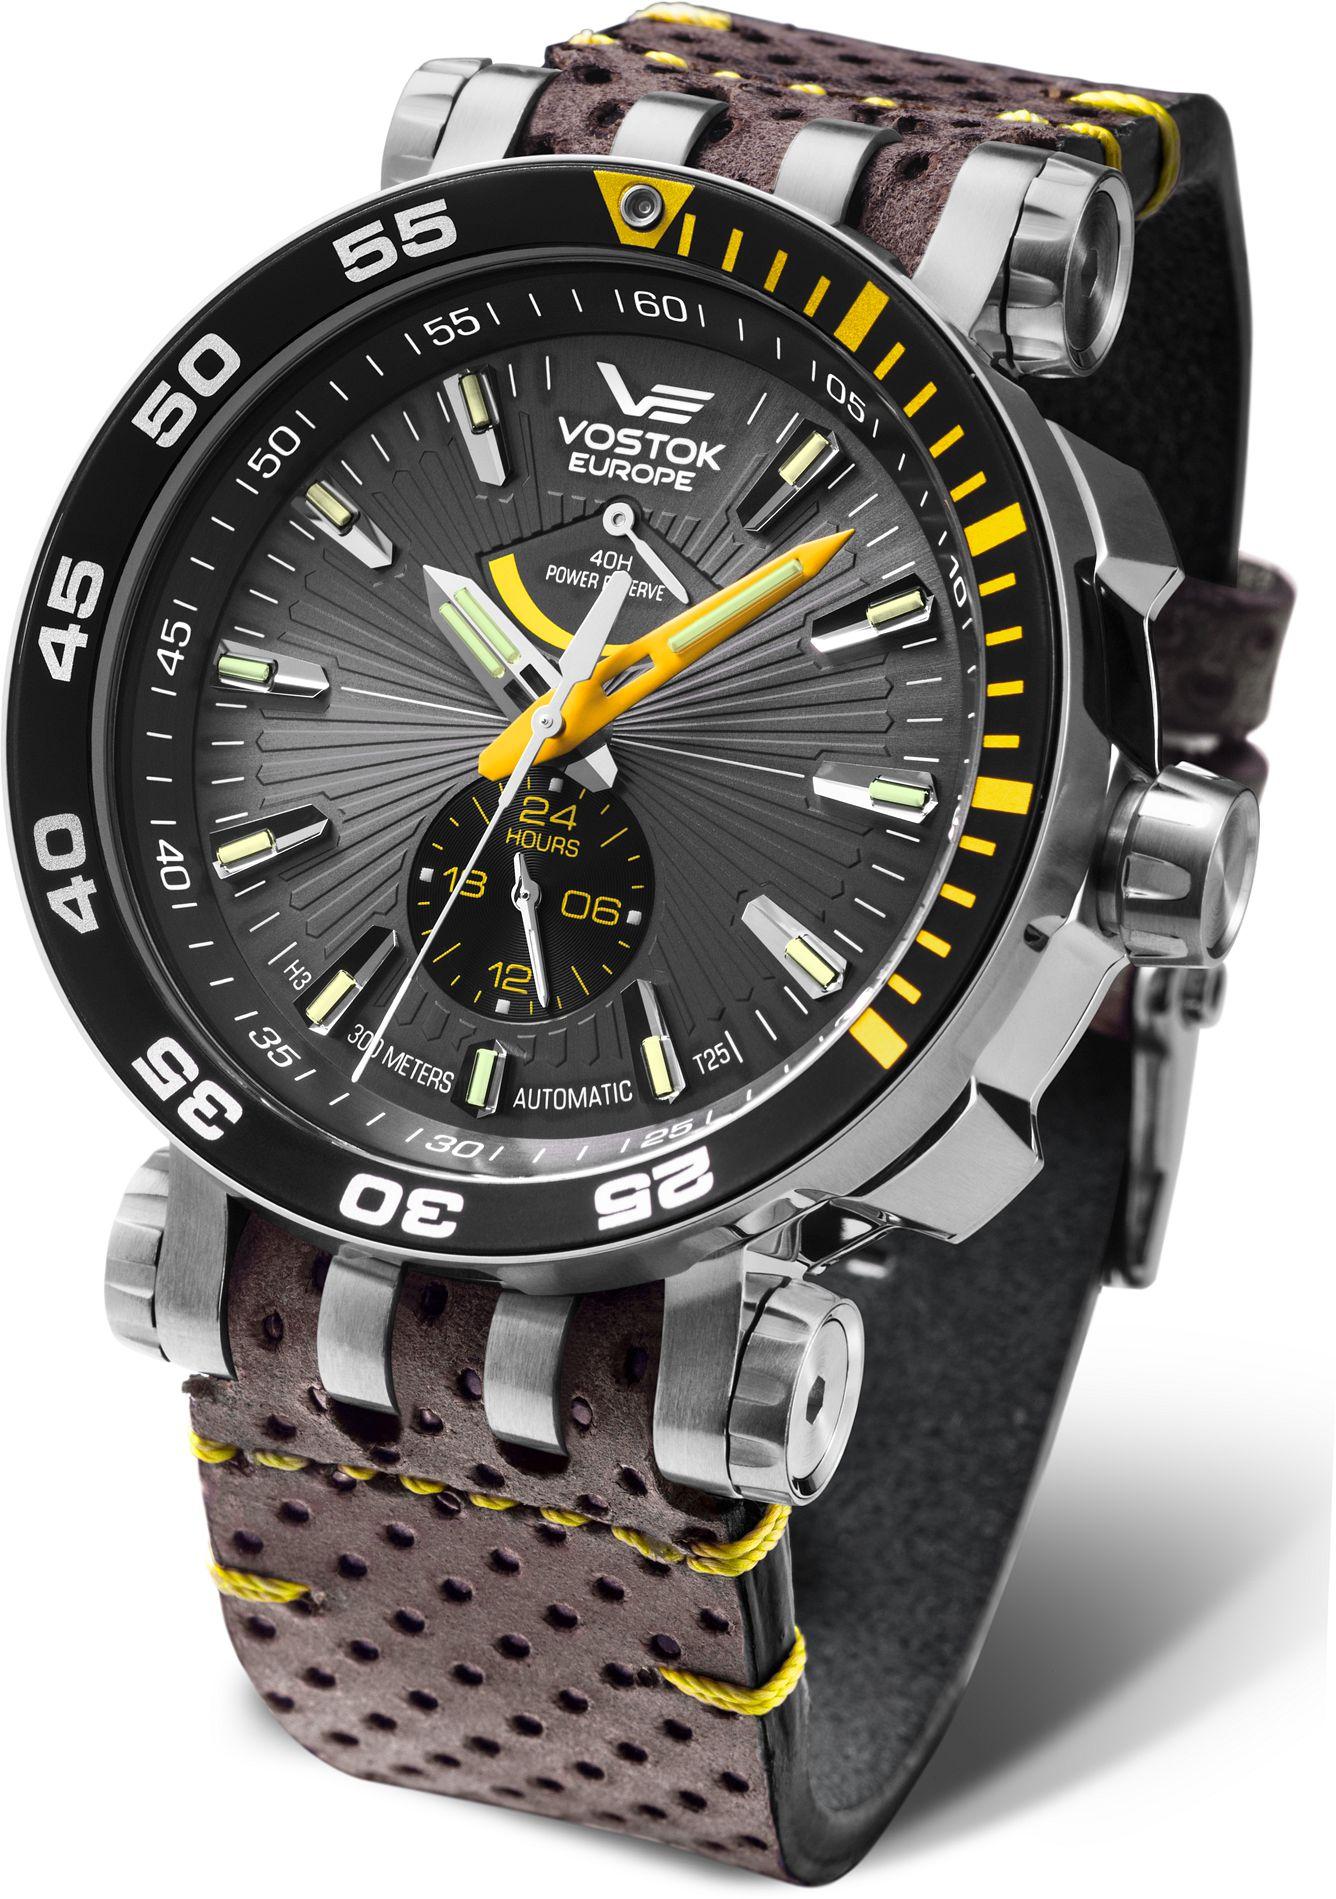 zegarek-meski-vostok-europe-energia-automatic-yn84-575a539